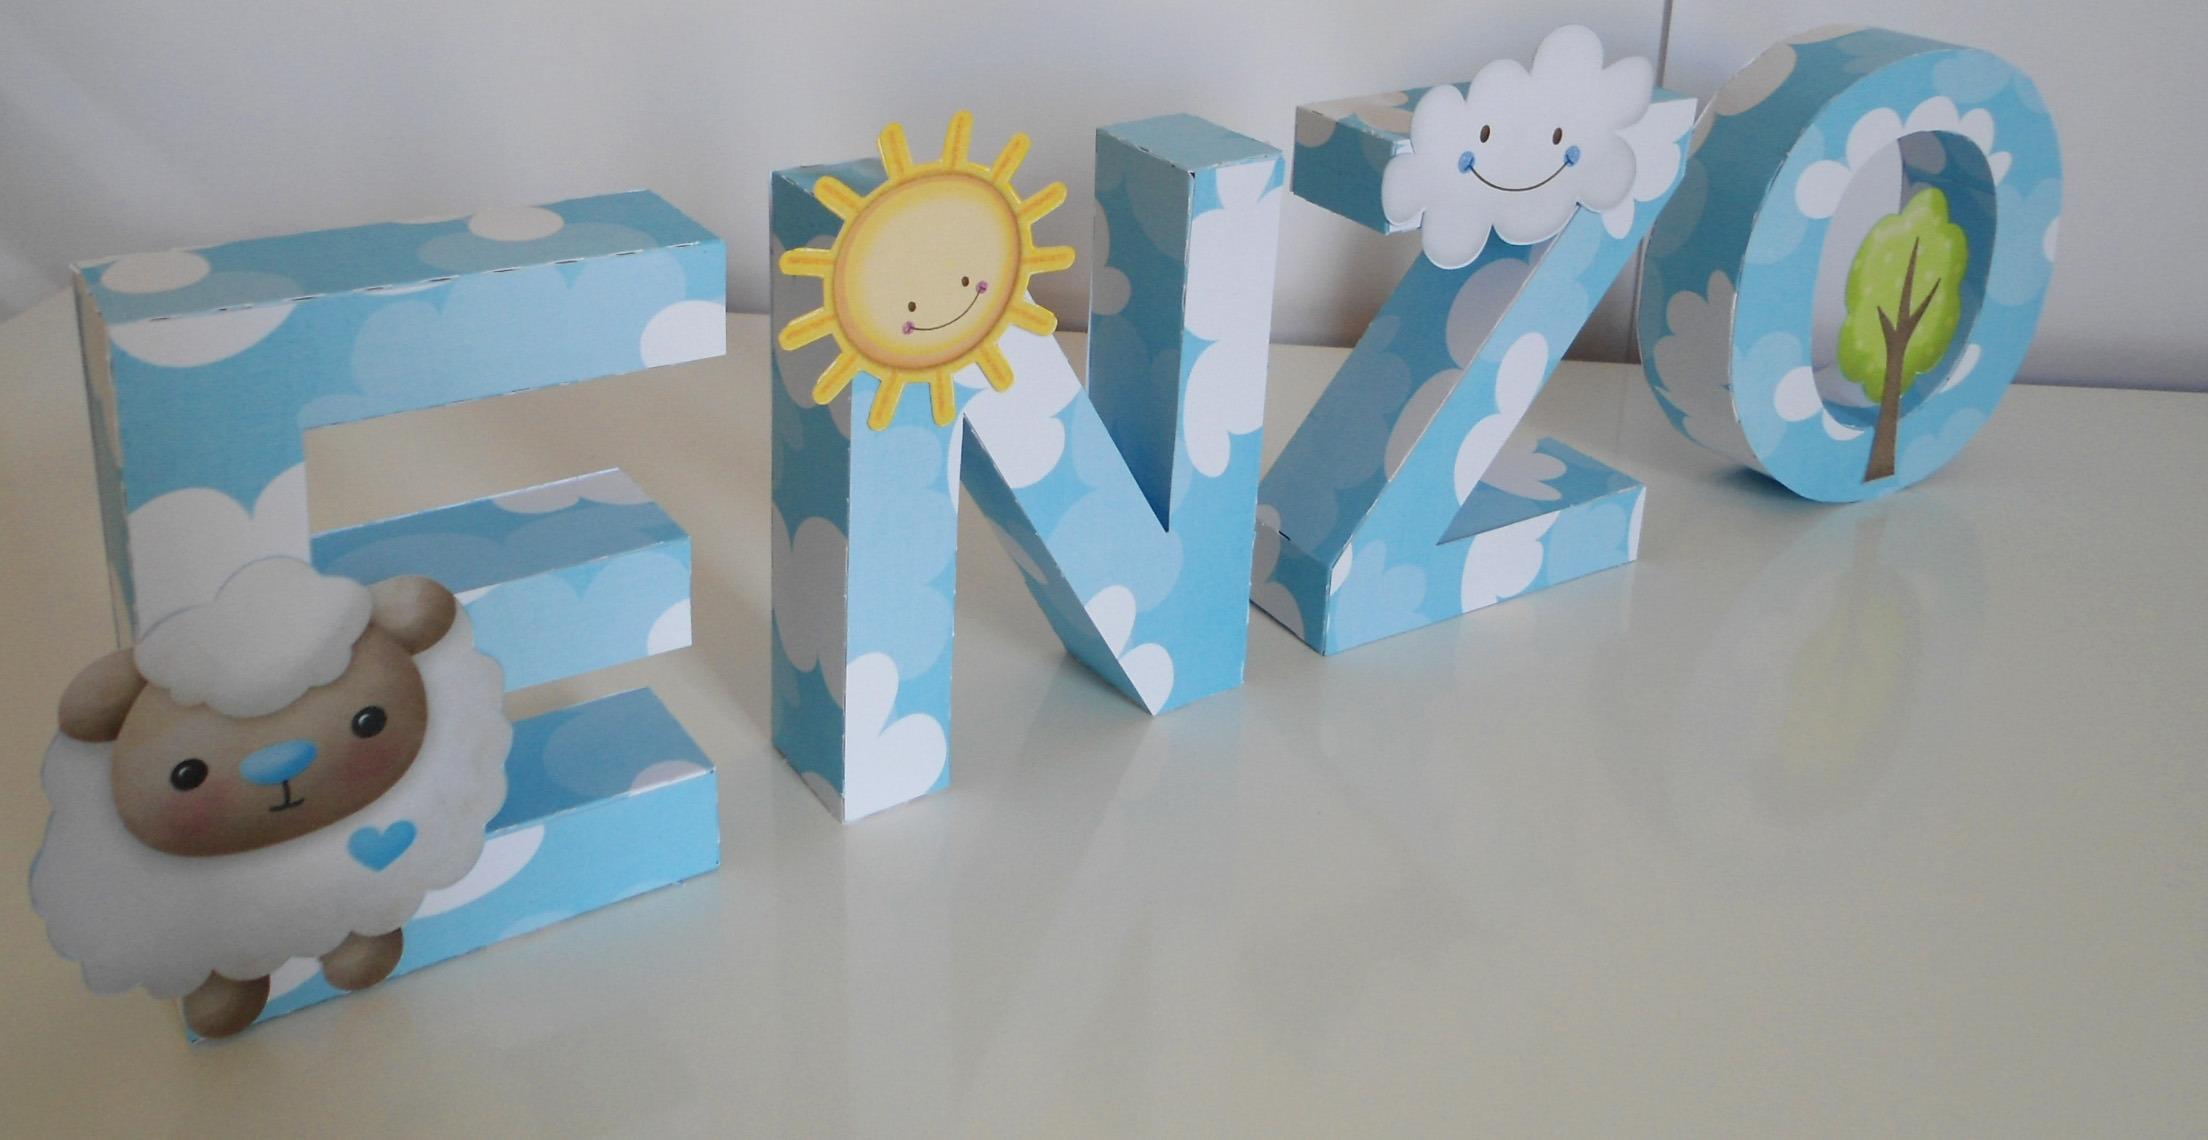 Letras decorativas carneirinho paperpop arte em papel - Letras decorativas pared ...